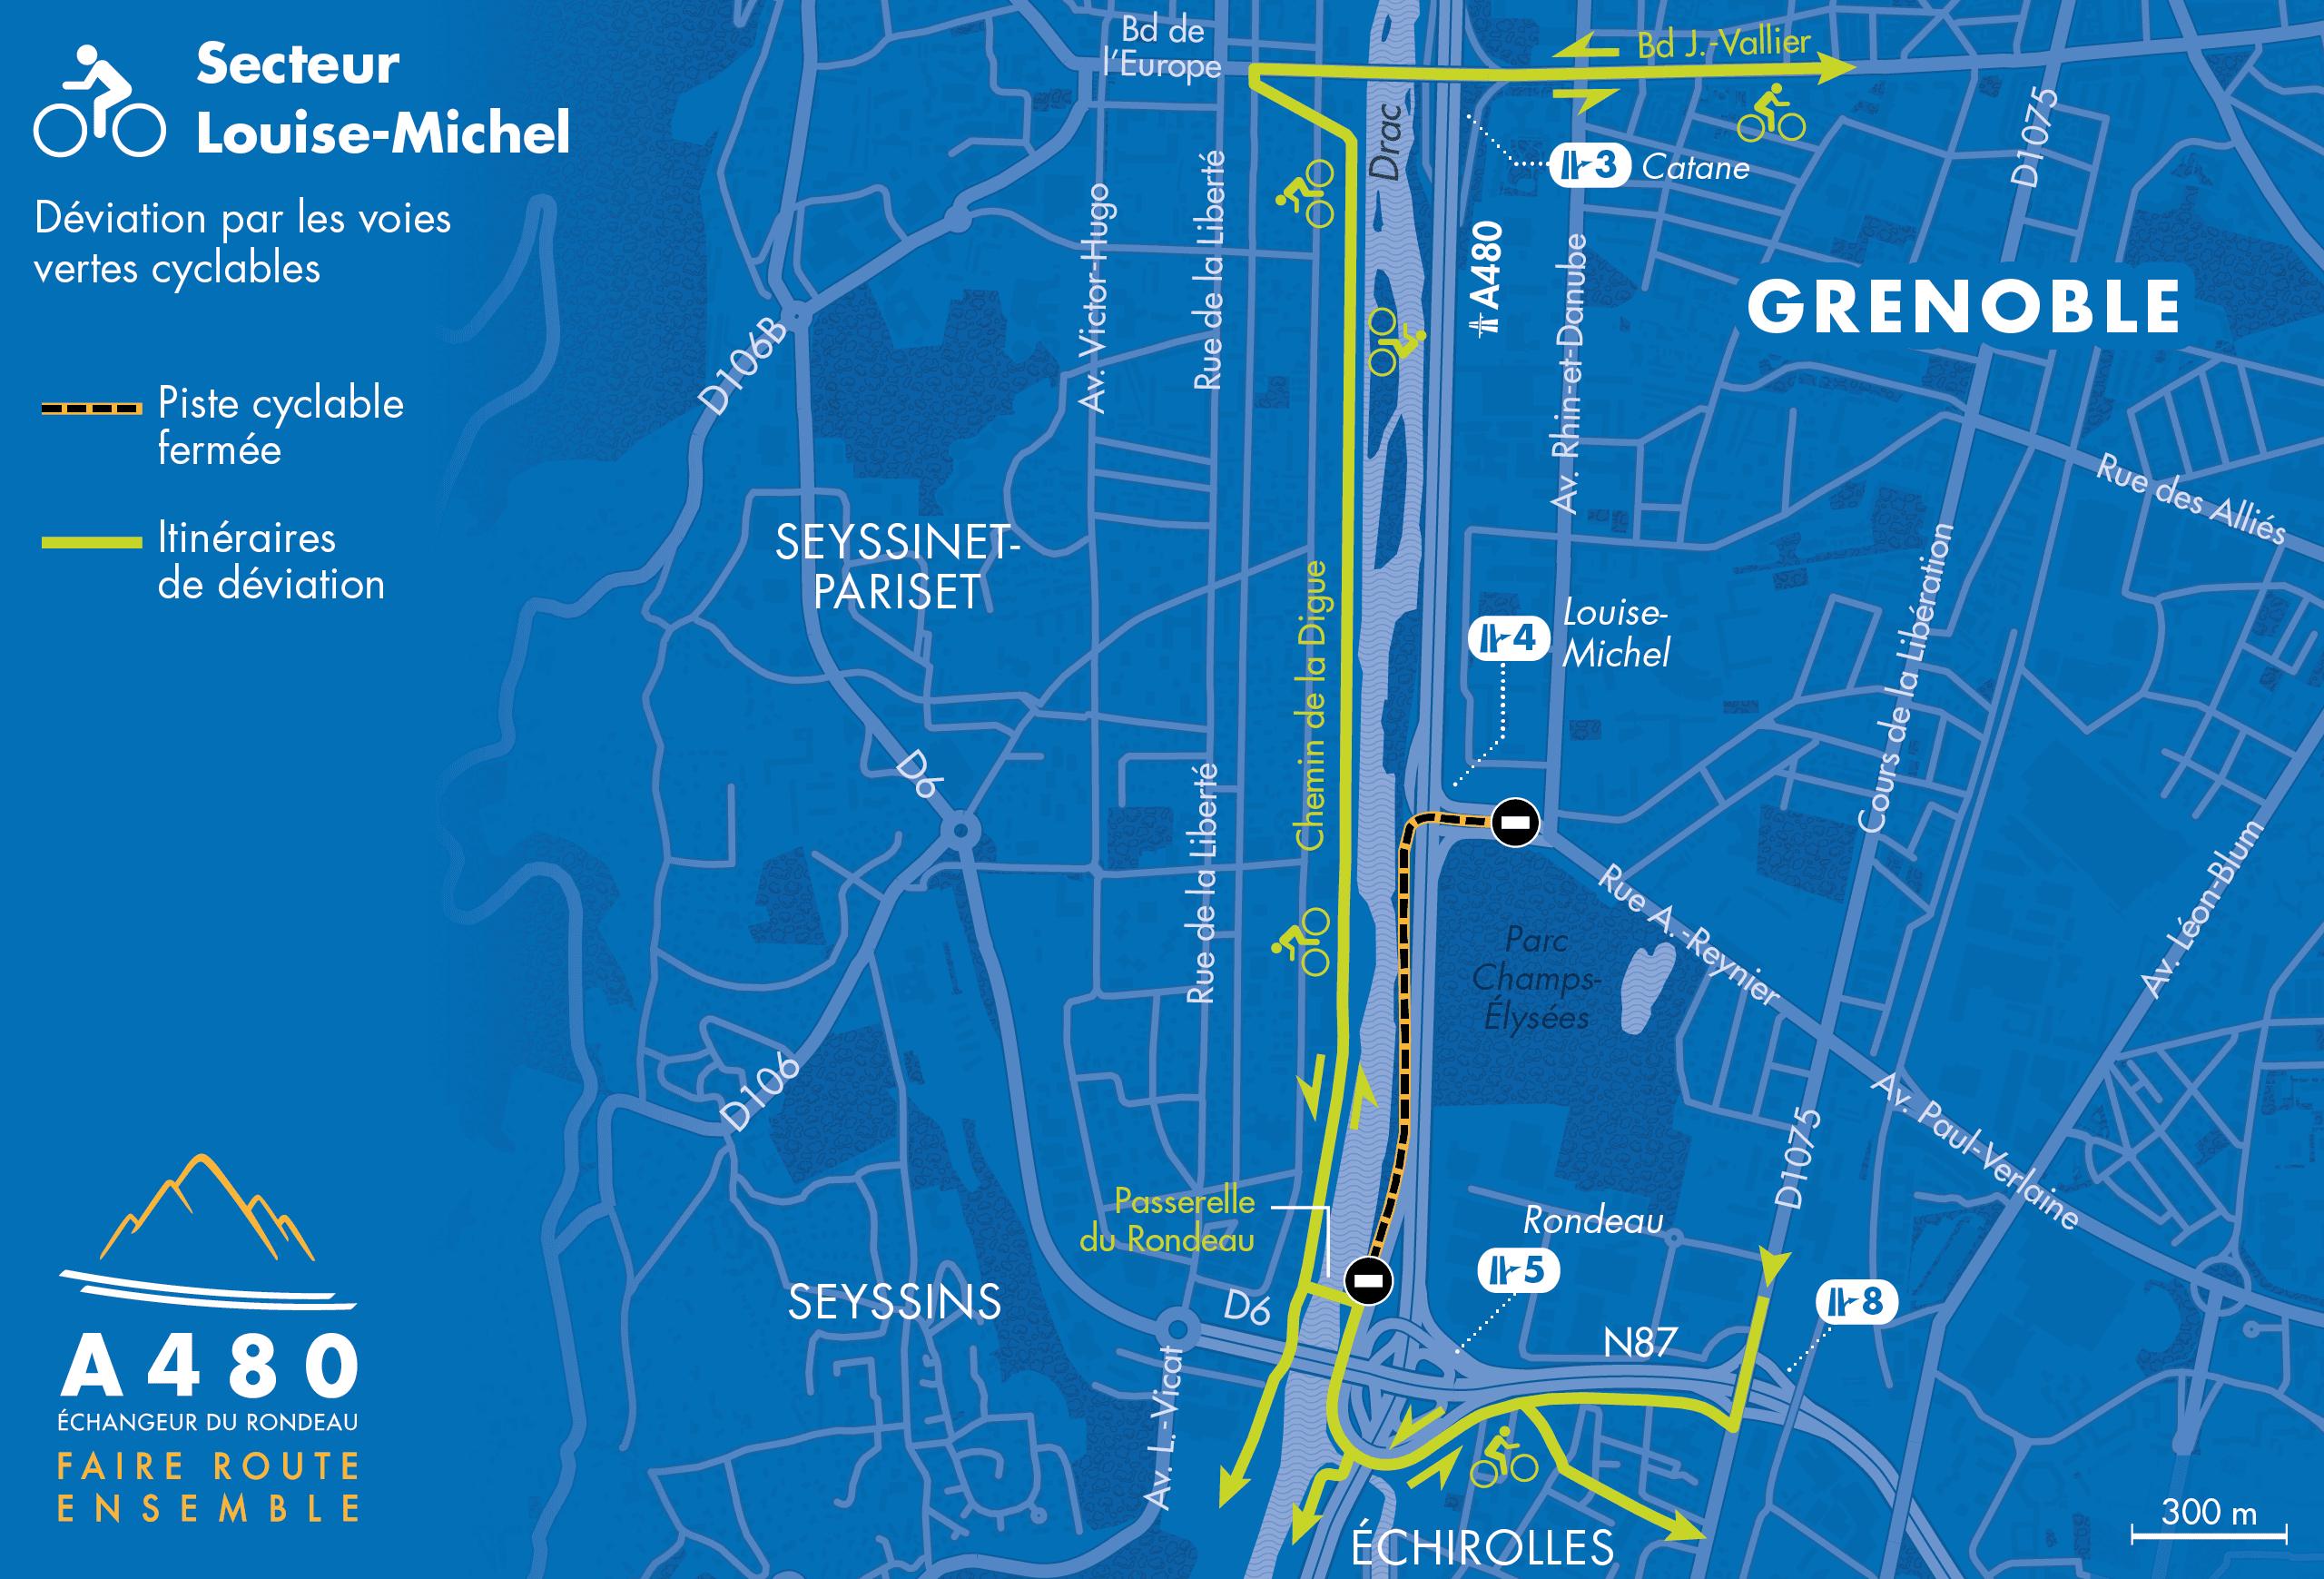 déviation par les voies cyclables de septembre 2019 à février 2020